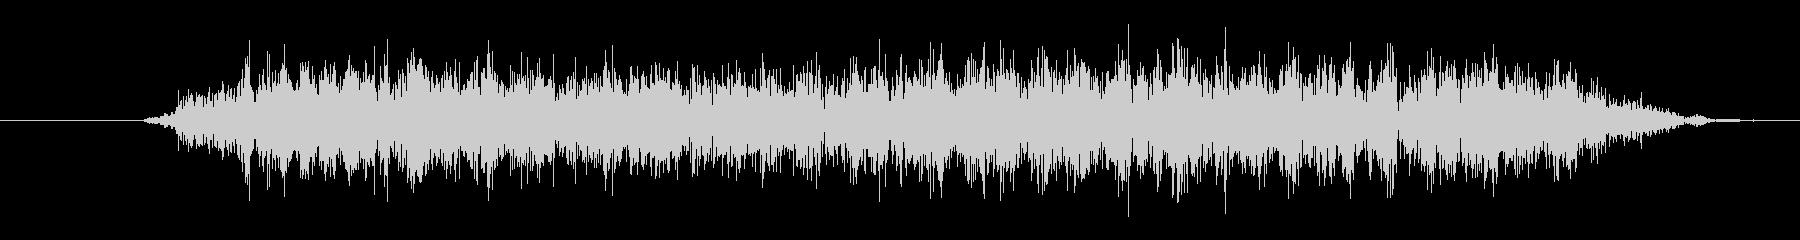 大きなクリーチャー:低音のうなり声の未再生の波形